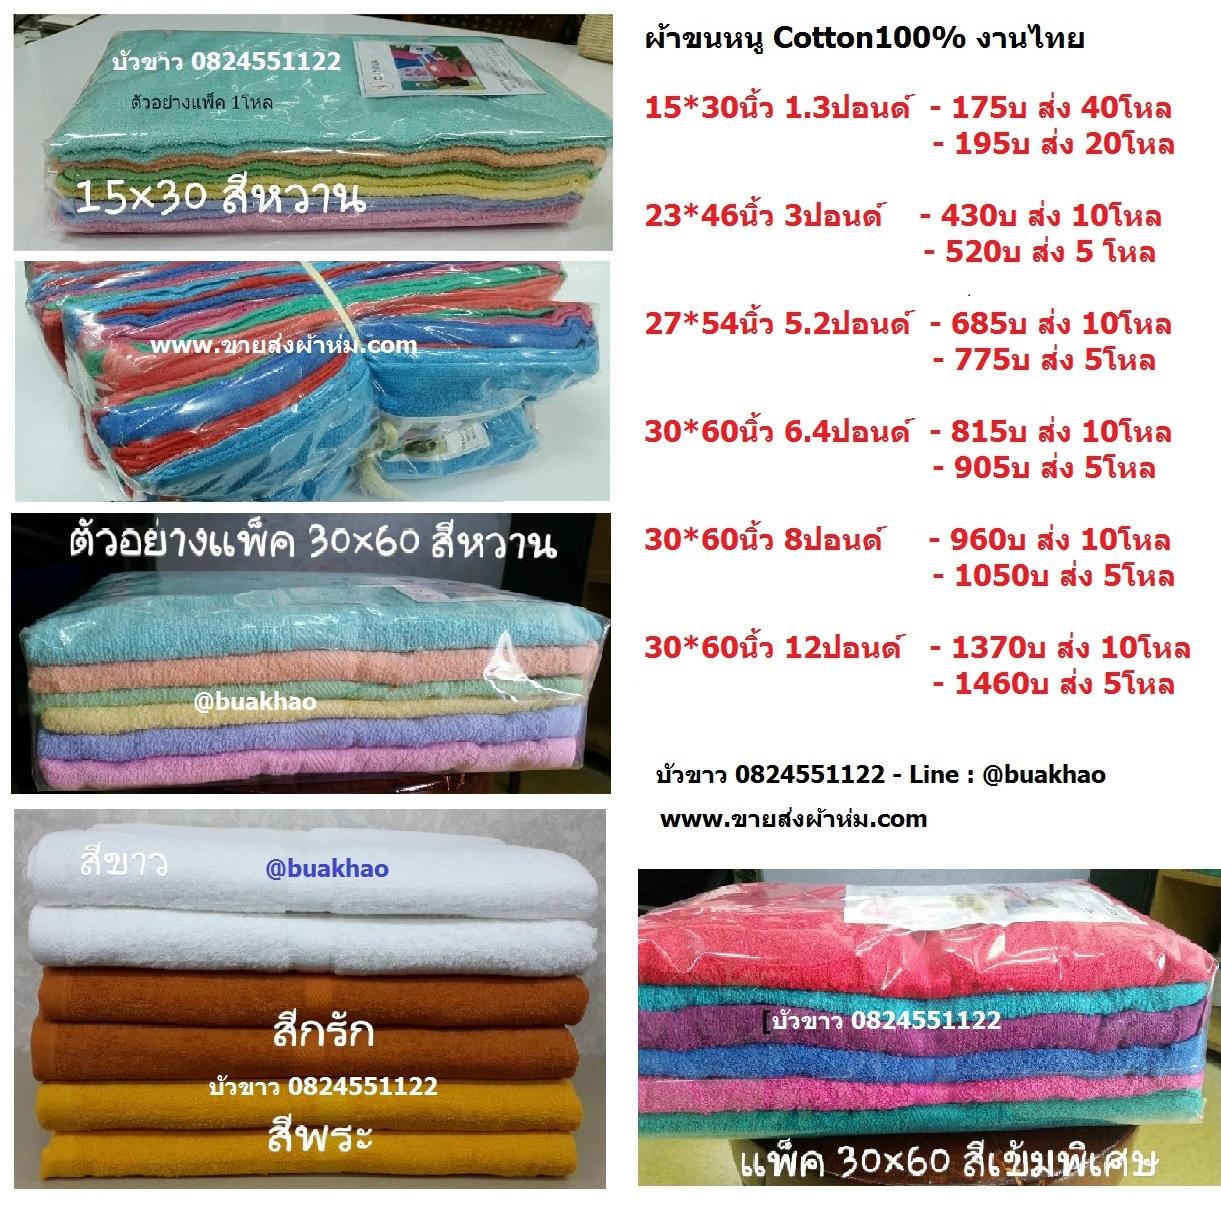 ผ้าขนหนู สีพื้น เช็ดตัว 30*60นิ้ว 8ปอนด์ - สีพื้น / คละสี / สีขาว / สีเหลือง / สีกรัก - โหลละ 960บ ส่ง 10โหล